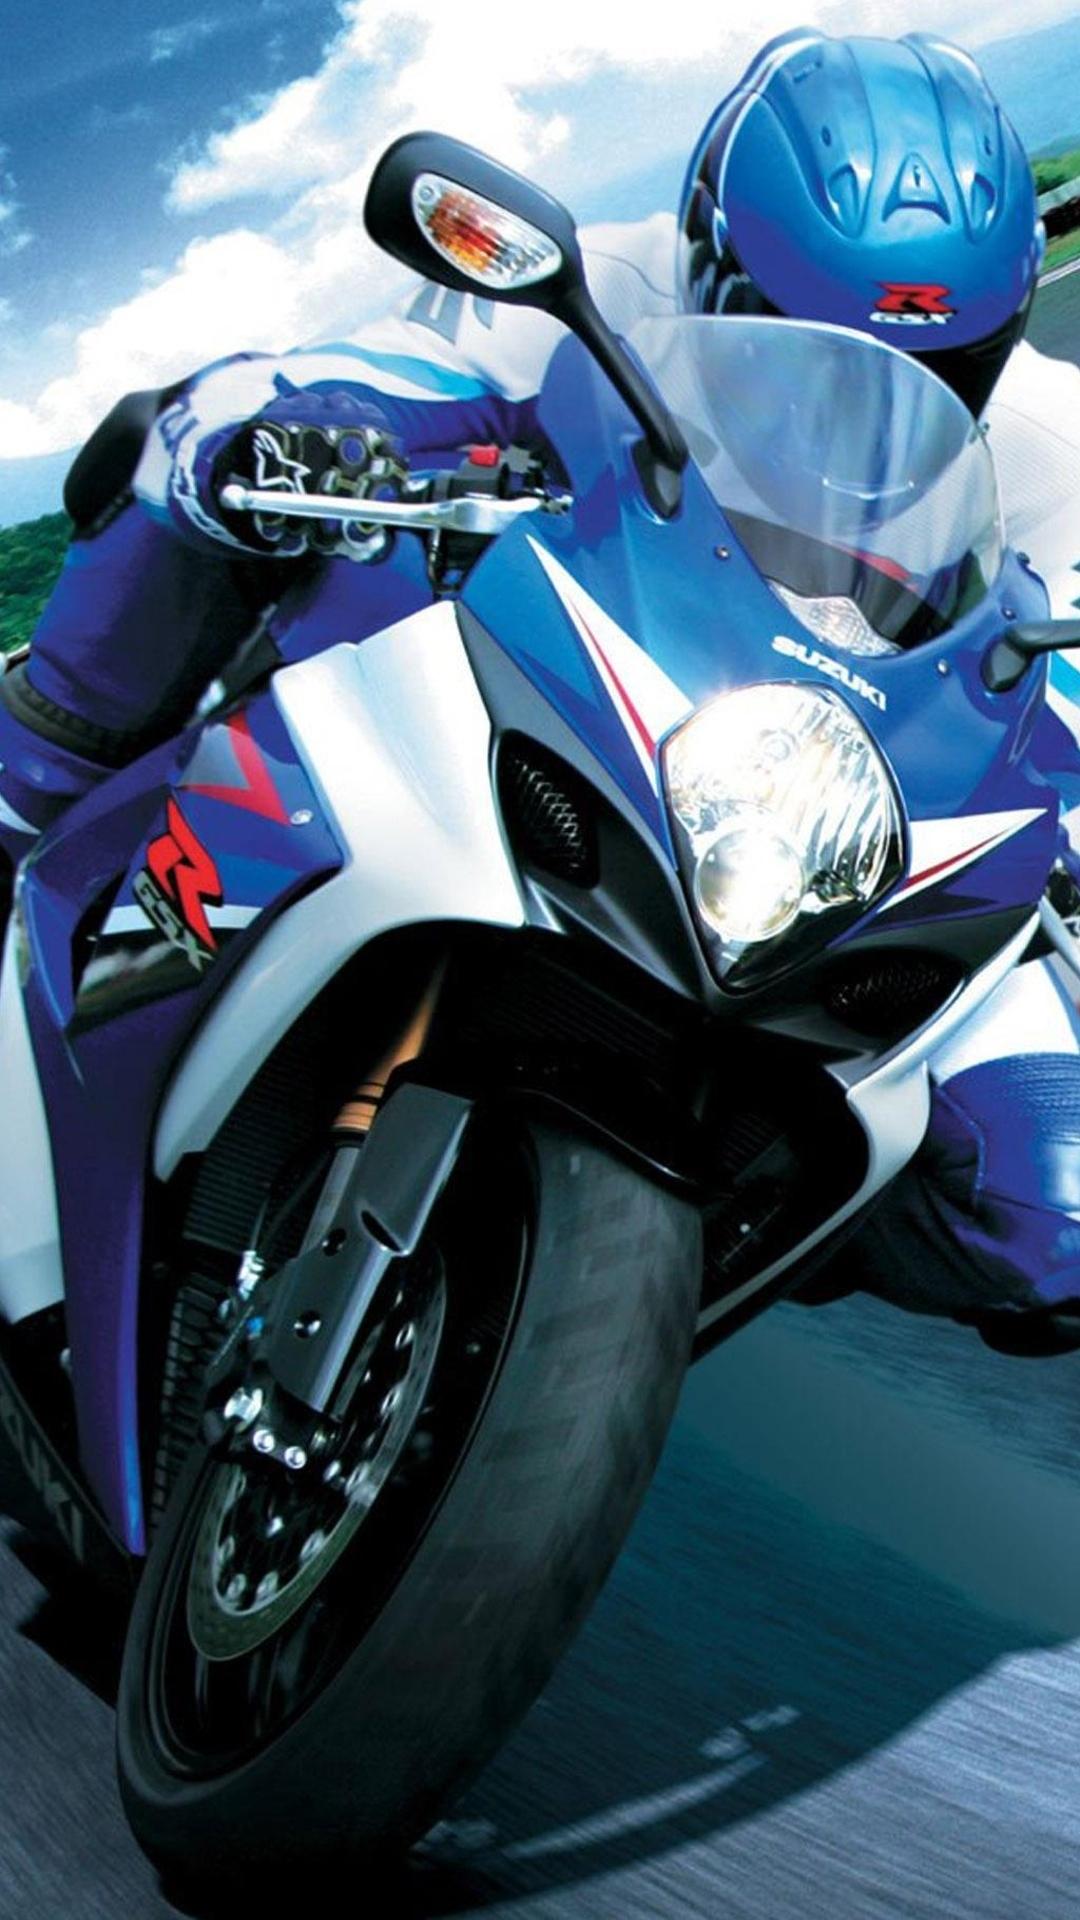 Fondo de pantalla con moto azul